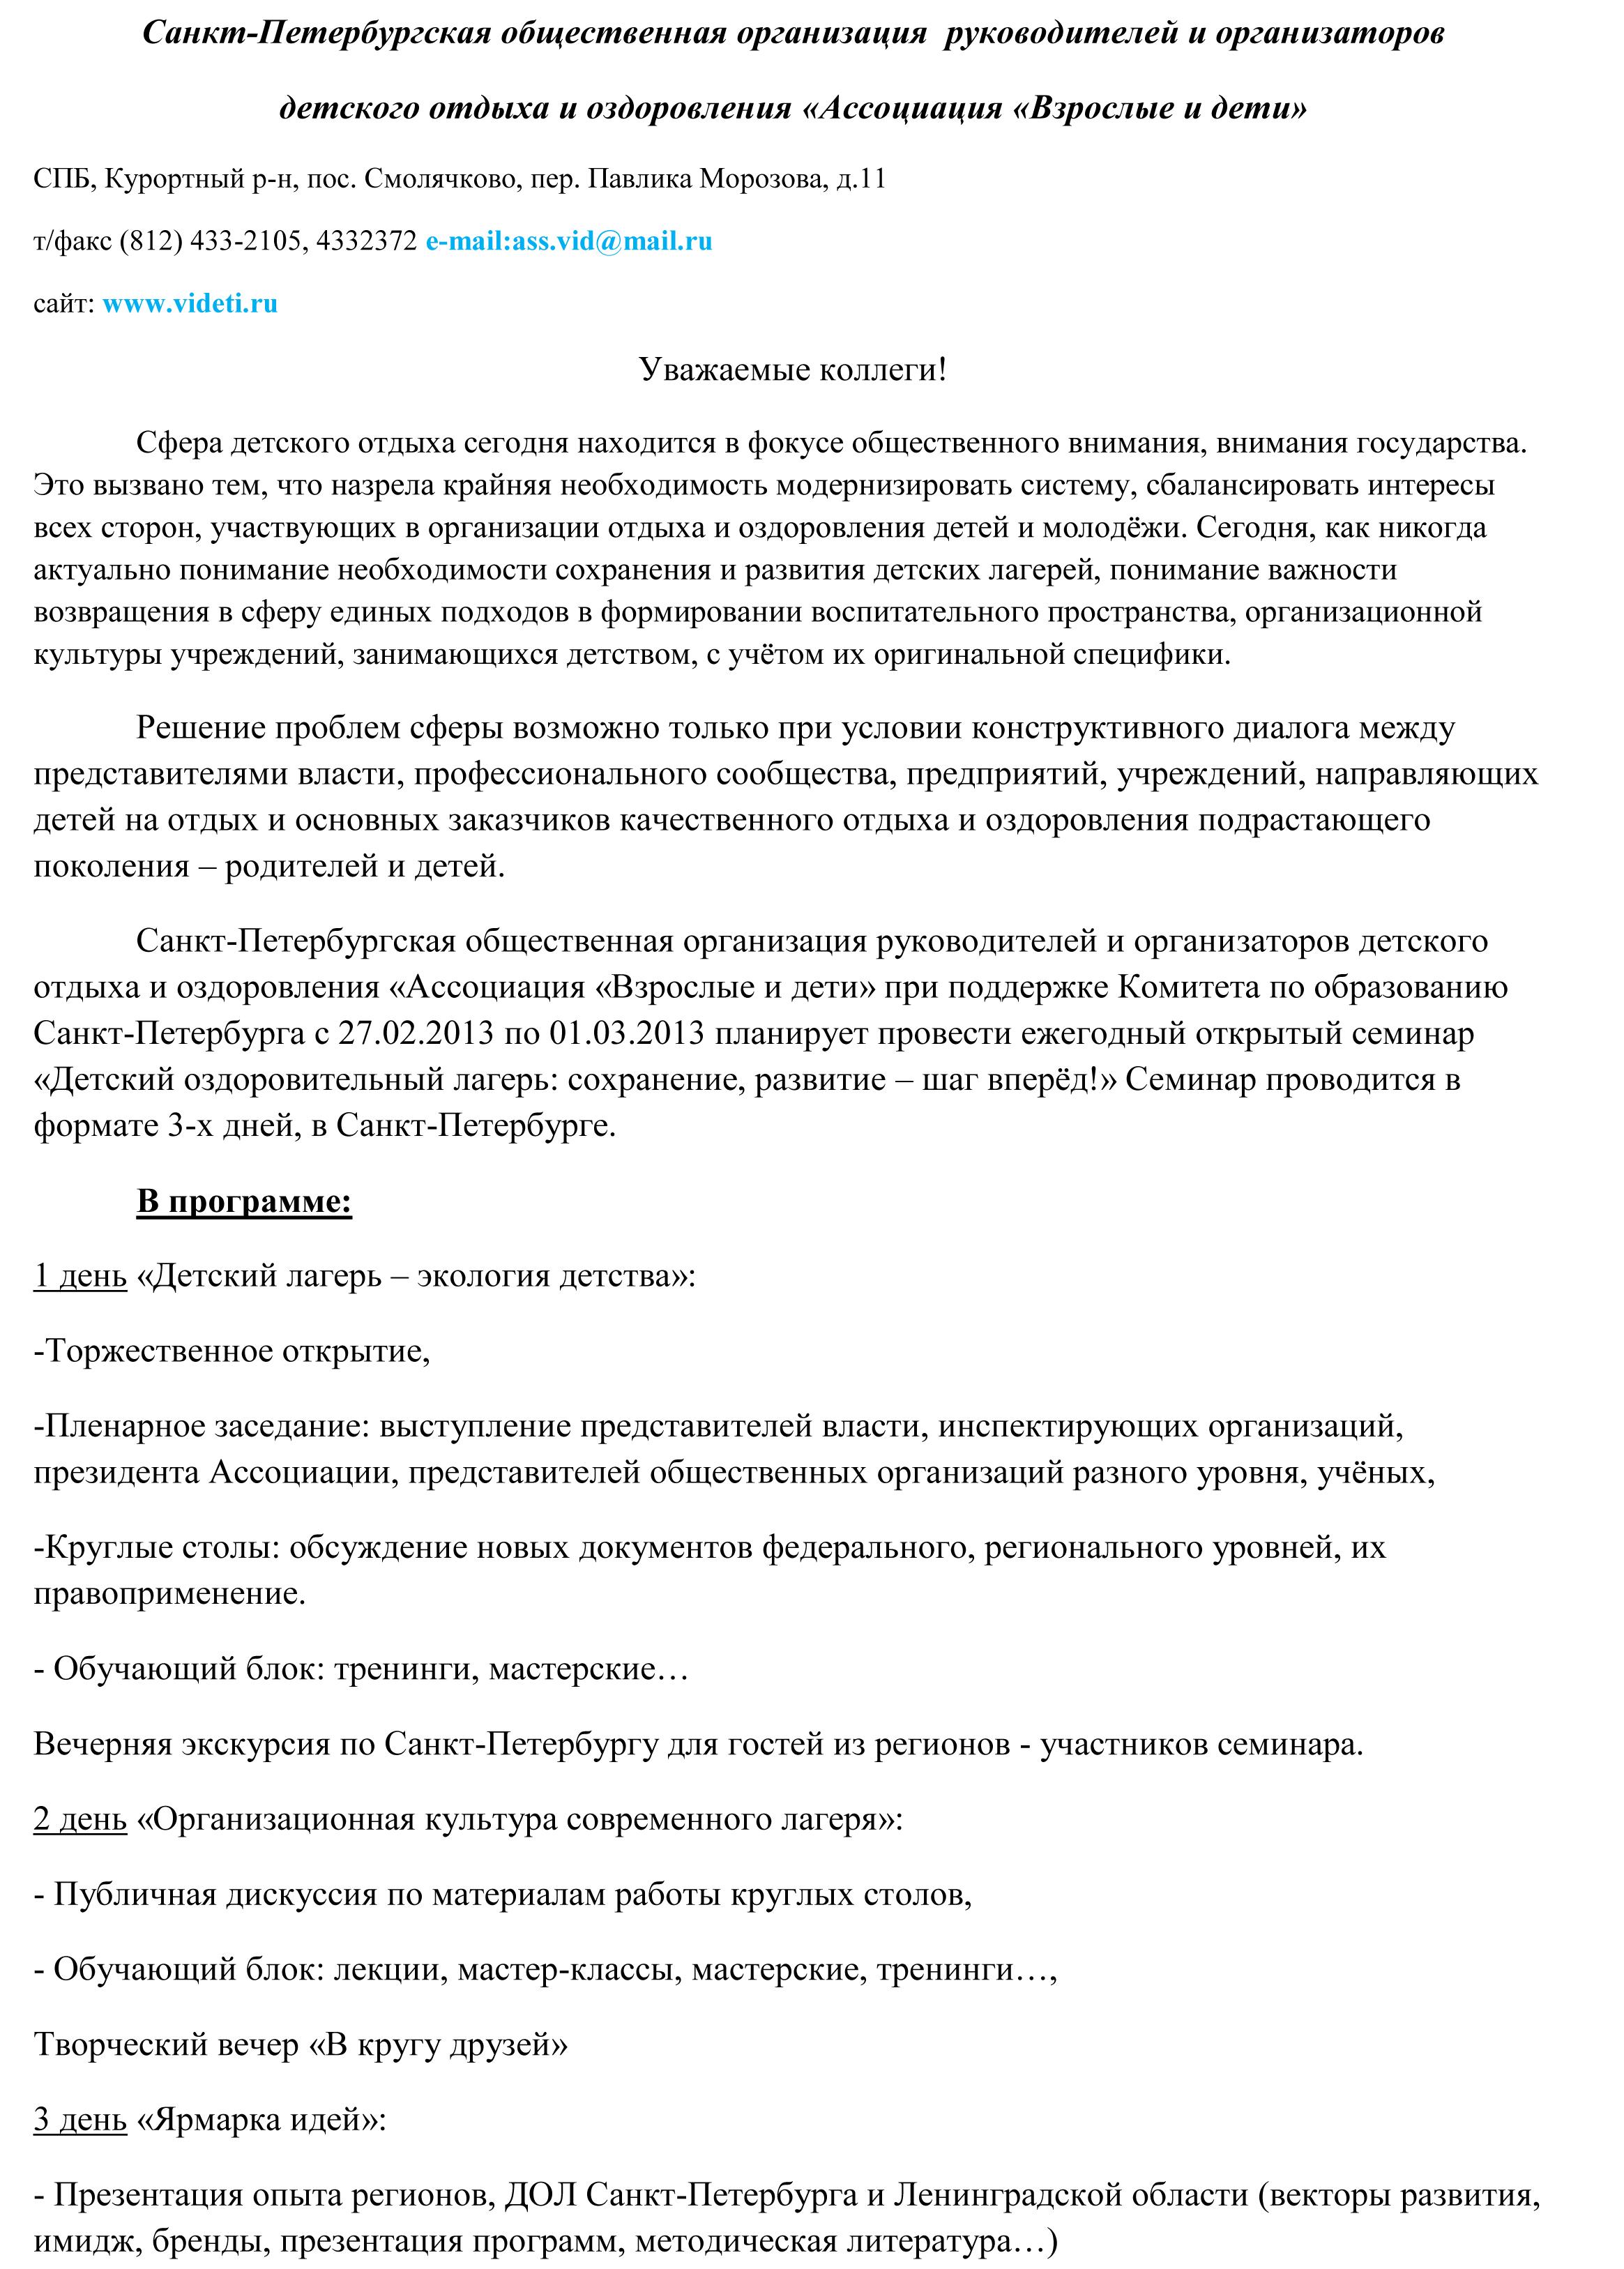 отчет о посещении семинара образец